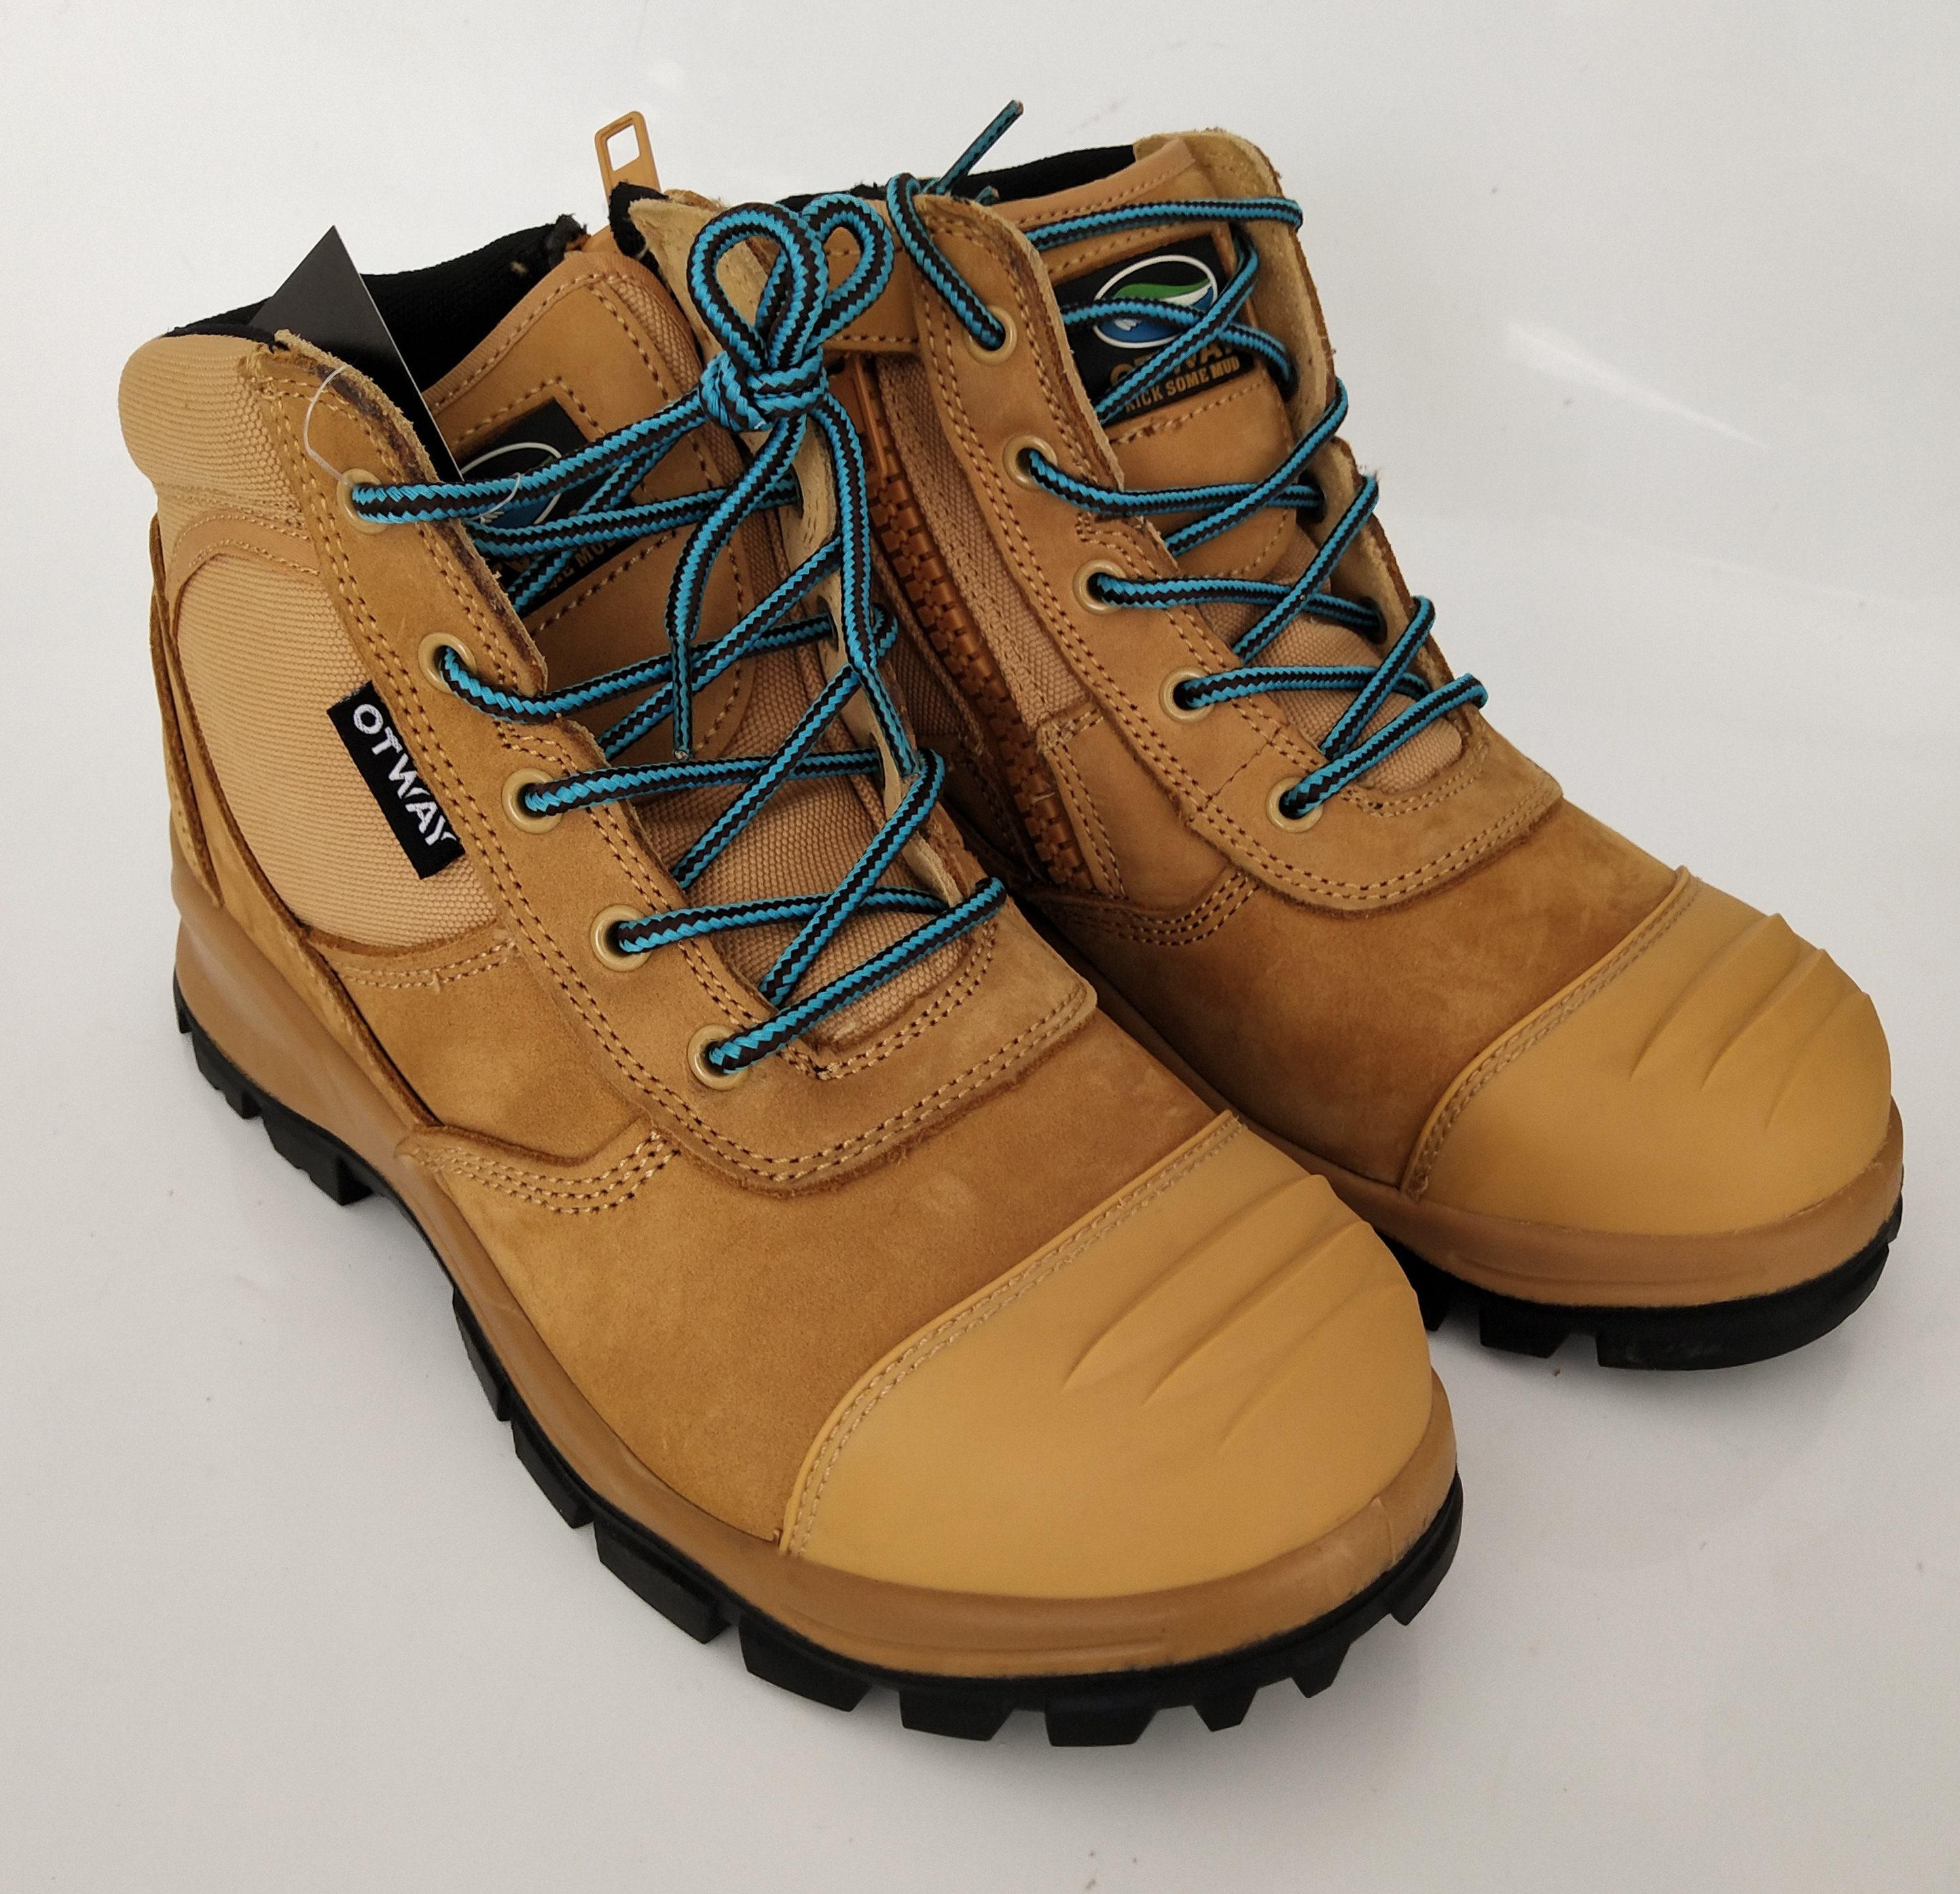 Catálogo de fabricantes de Calzado Seguridad Cuero Nobuck de